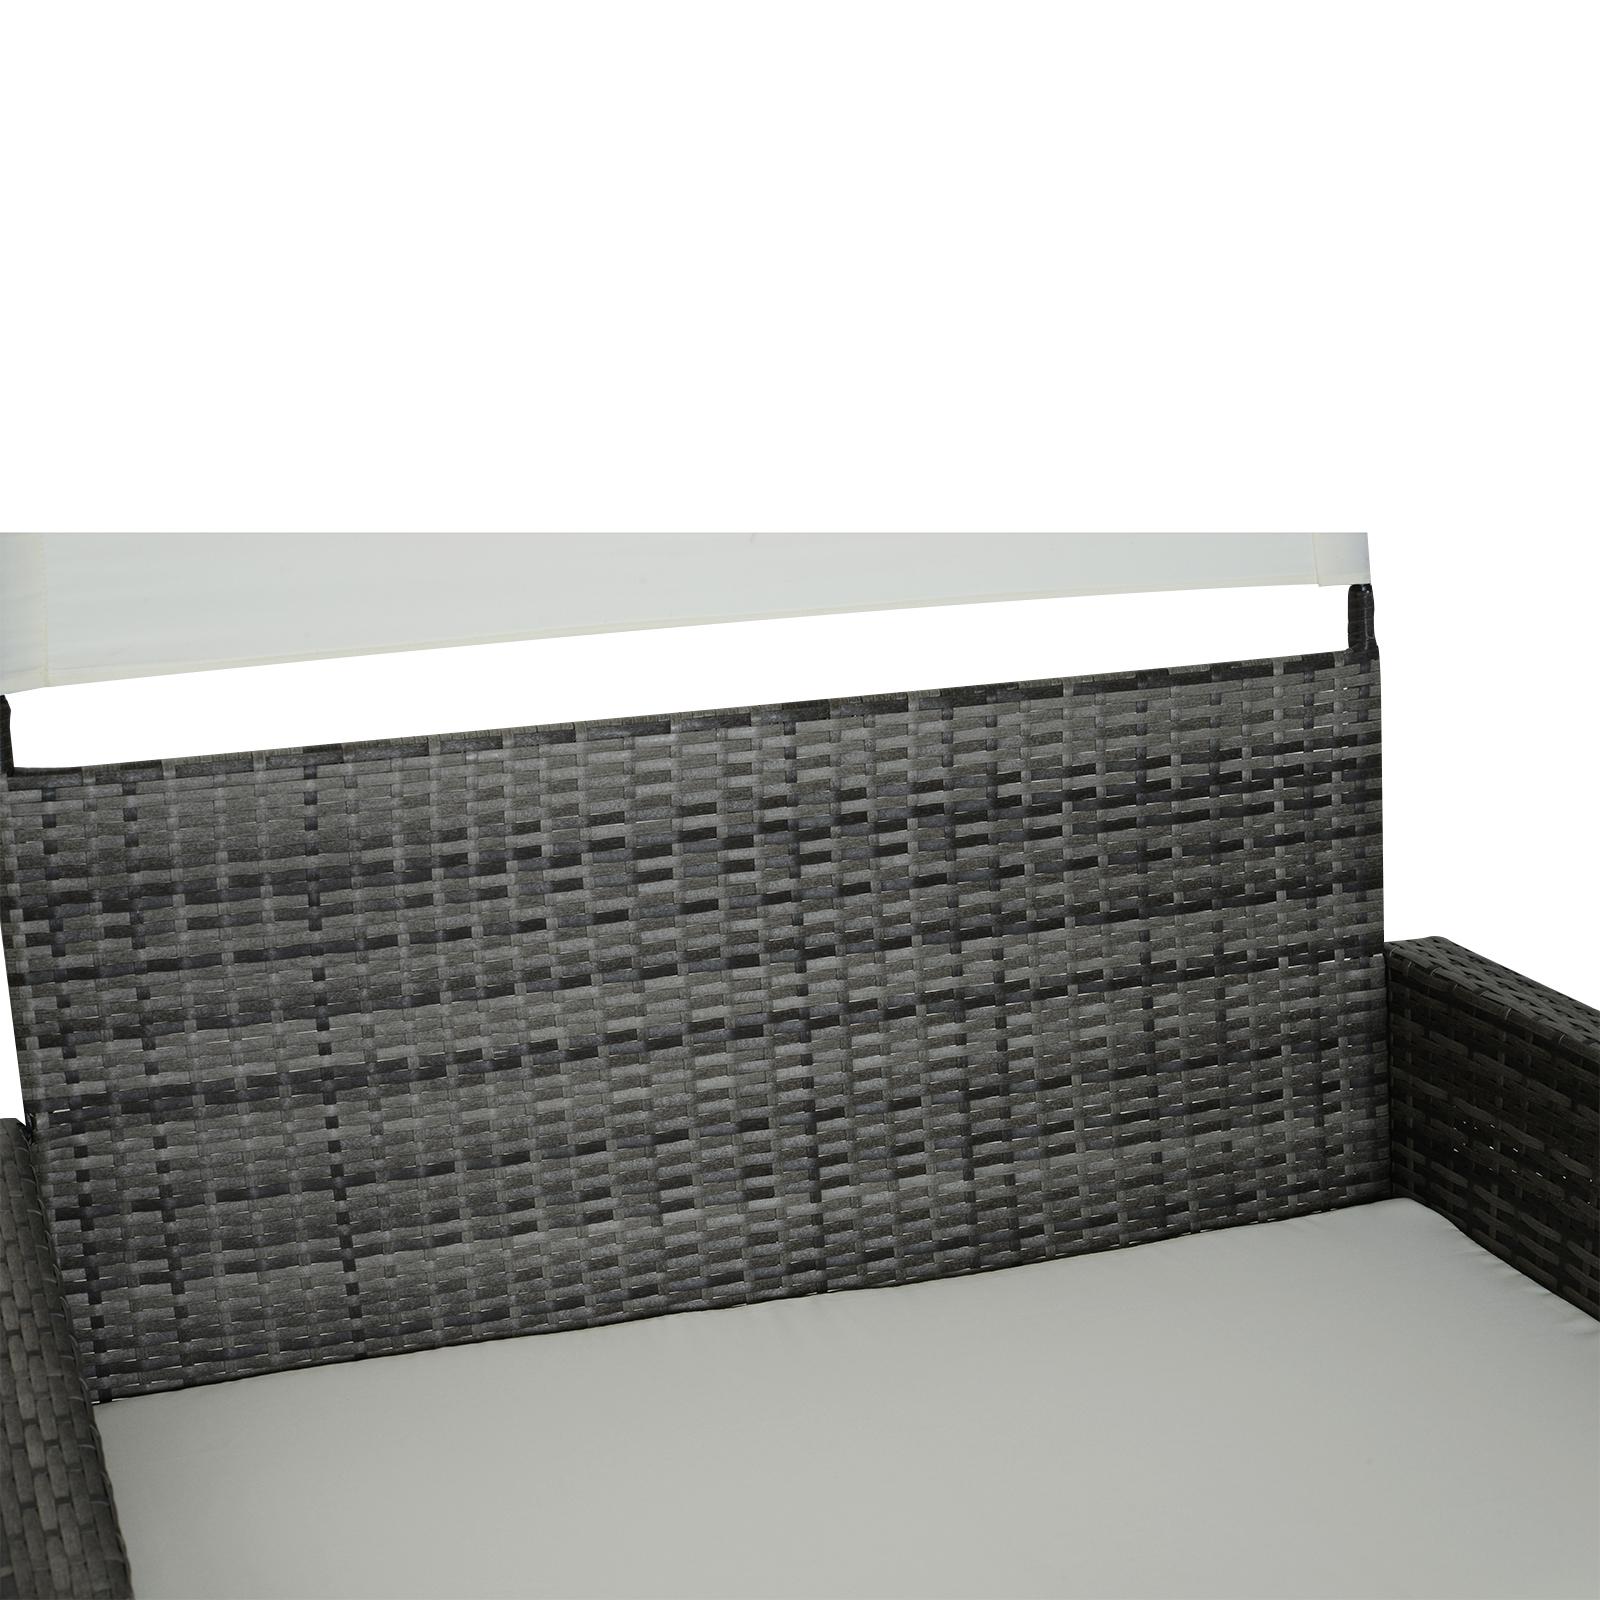 Sofa-de-Ratan-Dos-Plazas-Sillon-Mueble-Jardin-Terraza-con-Reposapies-Toldo-Cojin miniatura 10